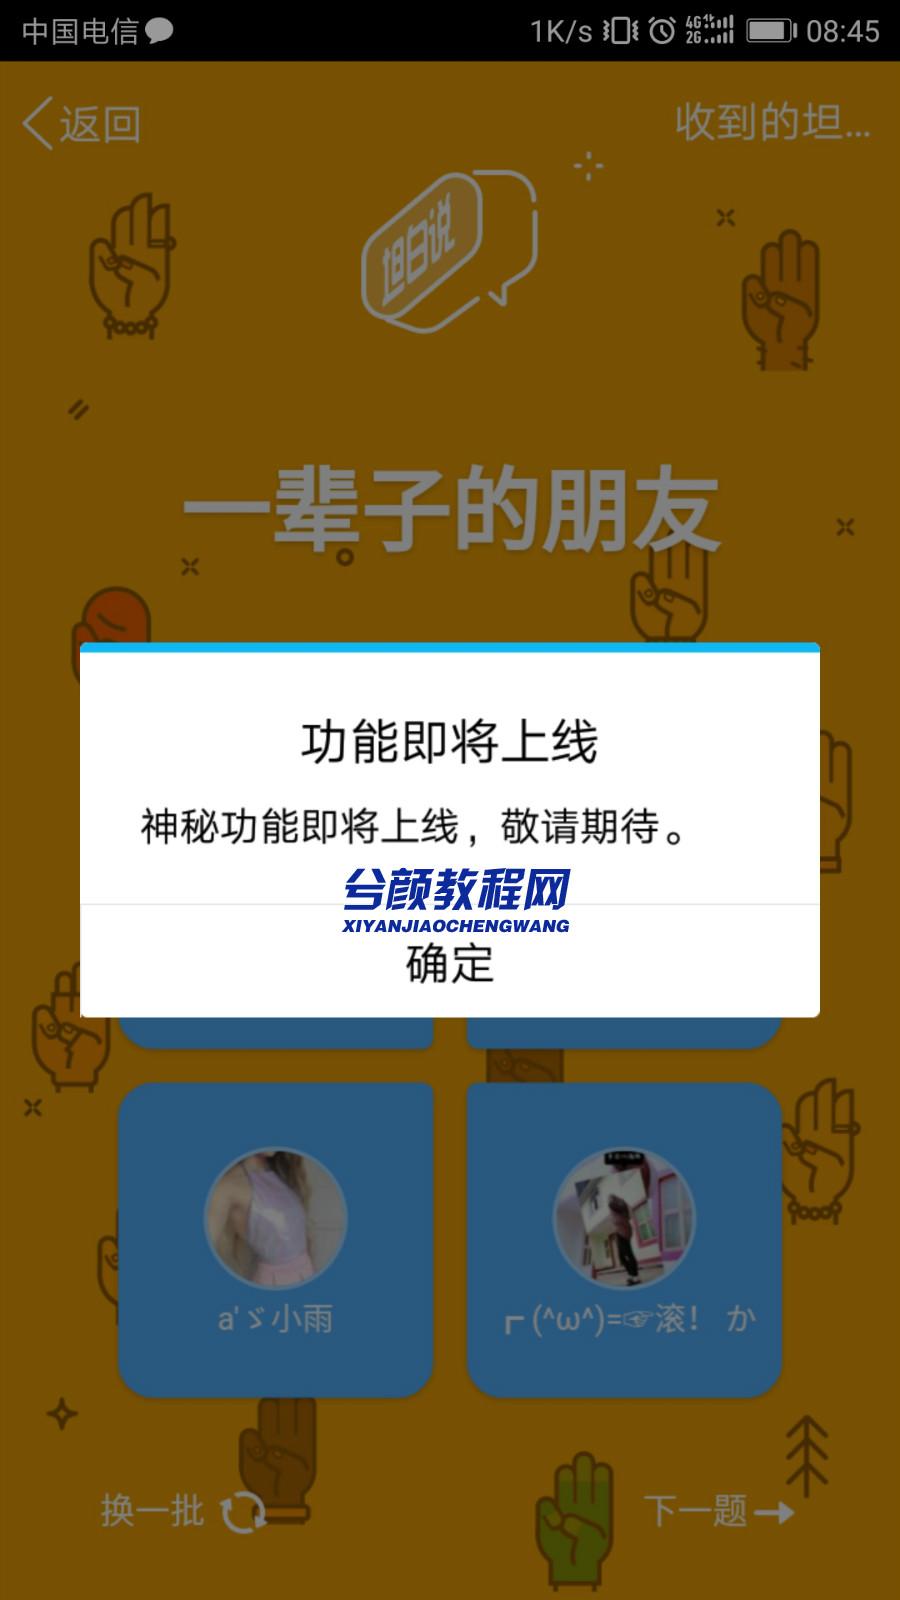 手机QQ新功能即将上线! 坦白说